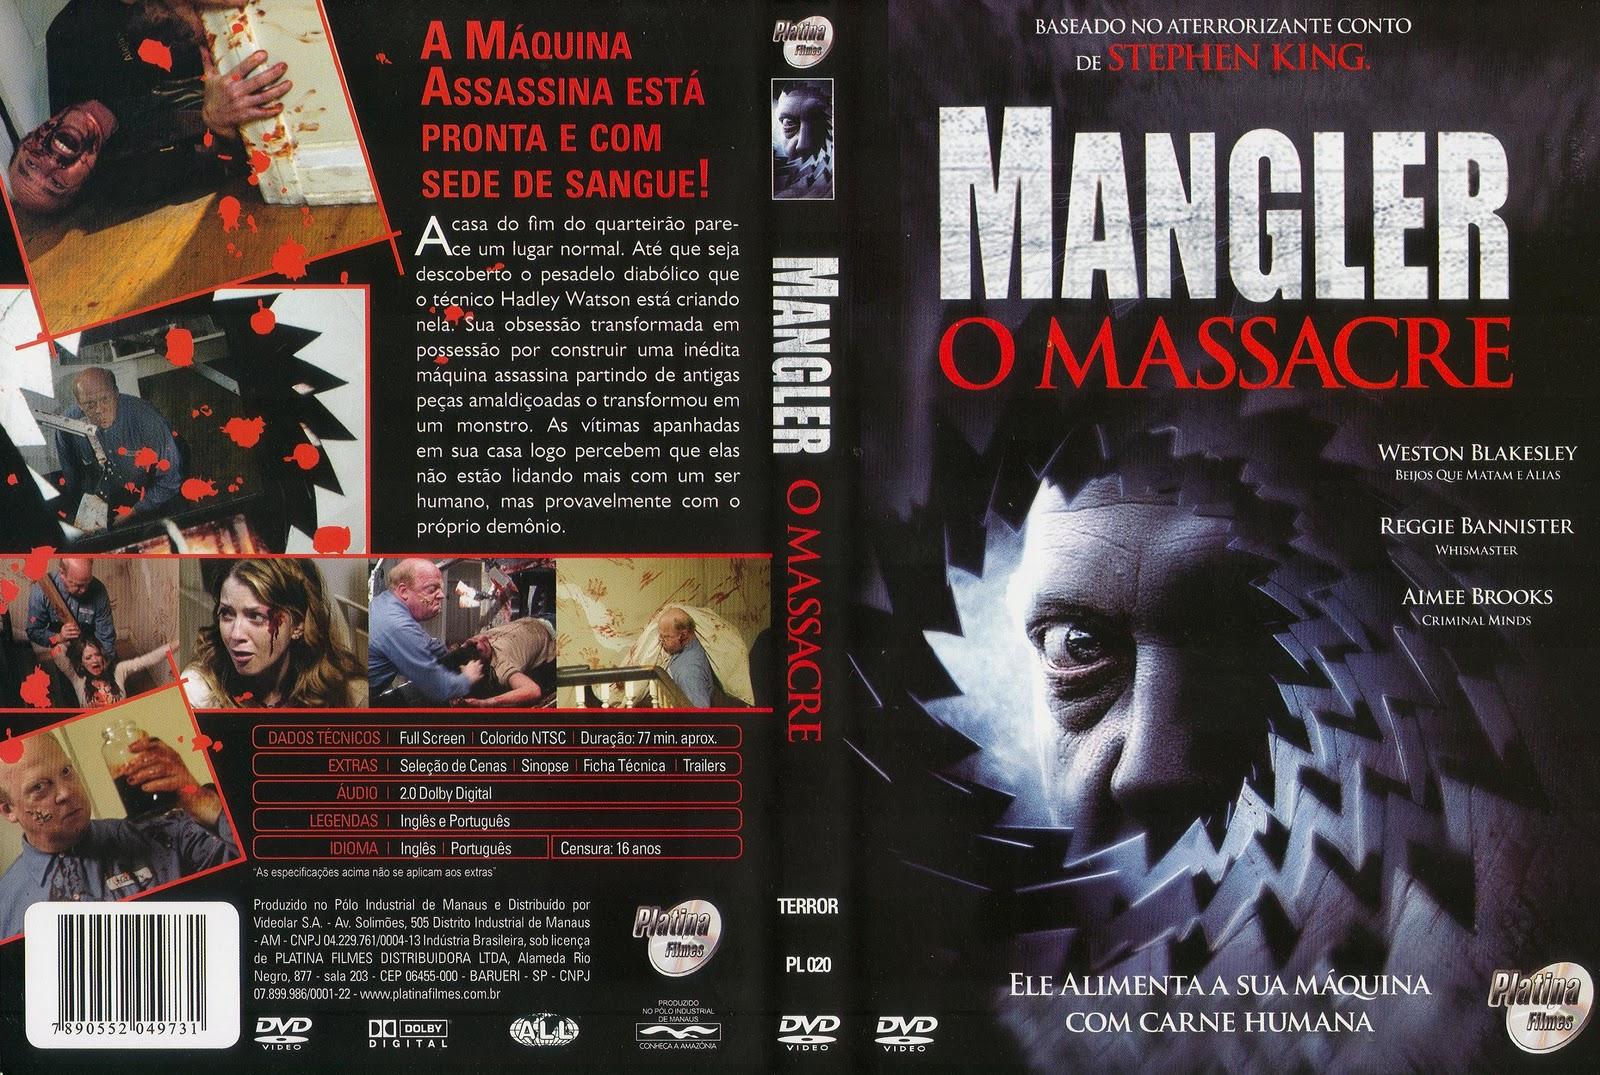 Capas Medina  Somente Capas de DVD Mangler  O Massacre